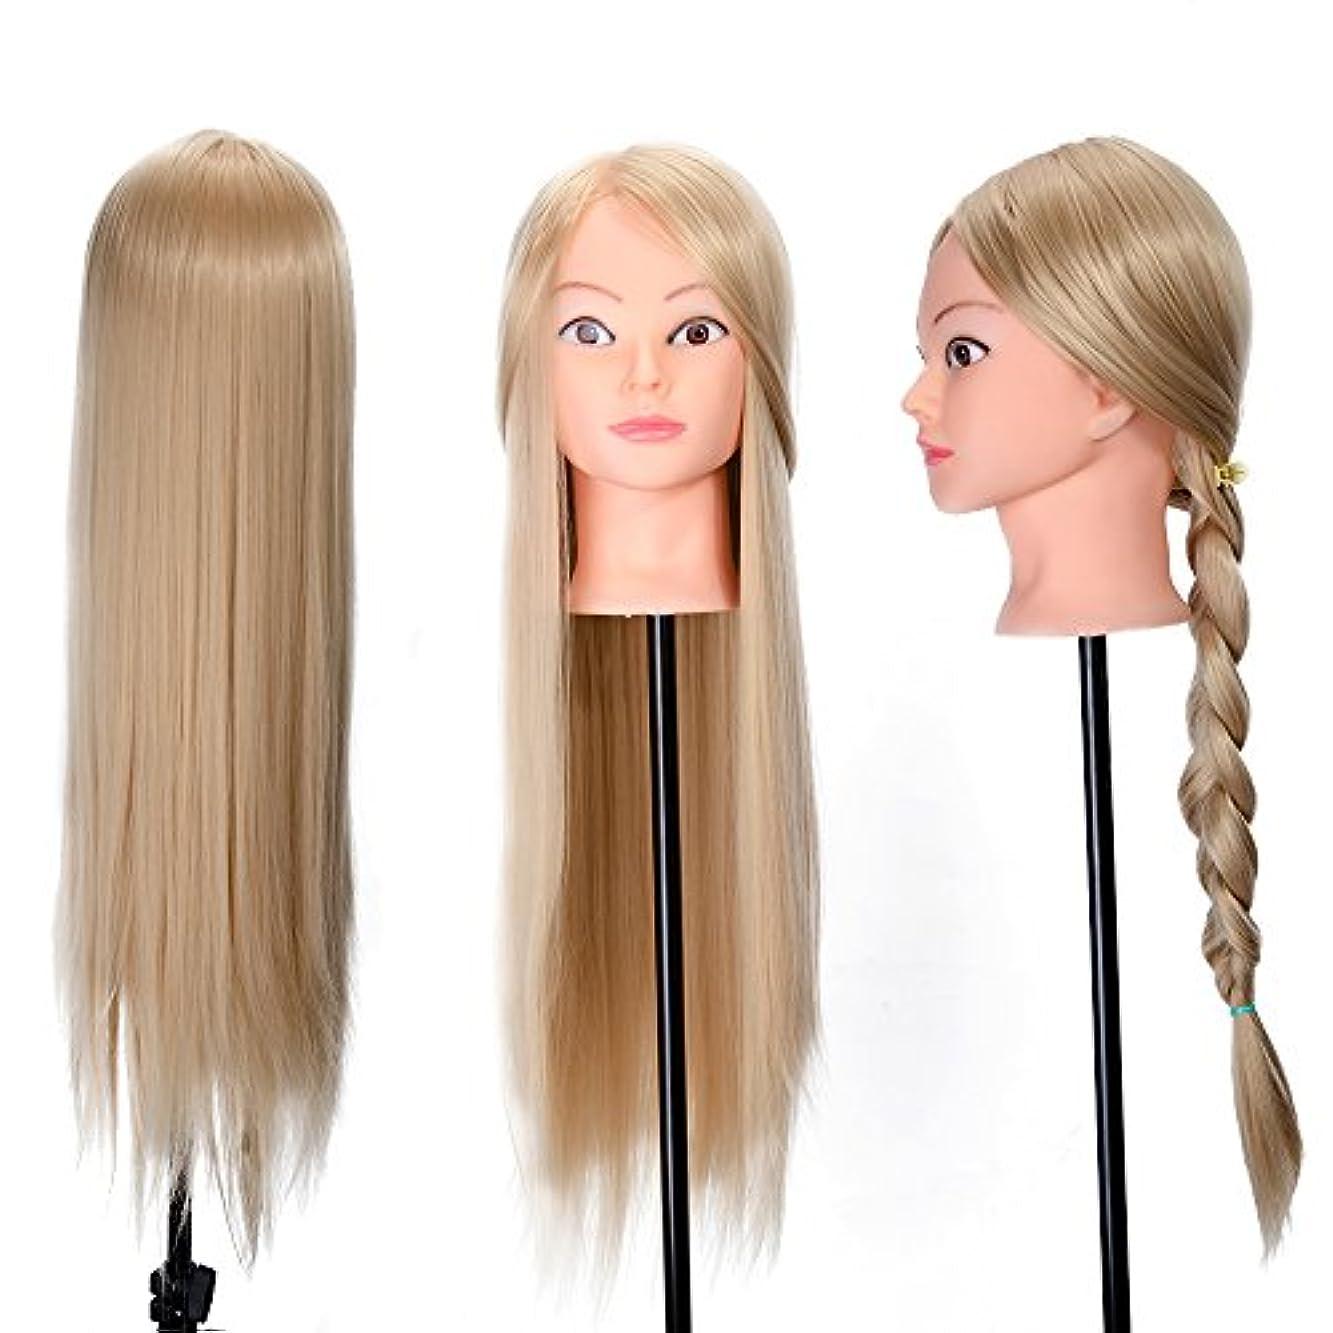 ゴネリル申し込む強打26インチトレーニングヘッドヘア編組モデルヘアスタイル人形でテーブルクランプサロンスタイリングデザインマネキンダミーヘッド